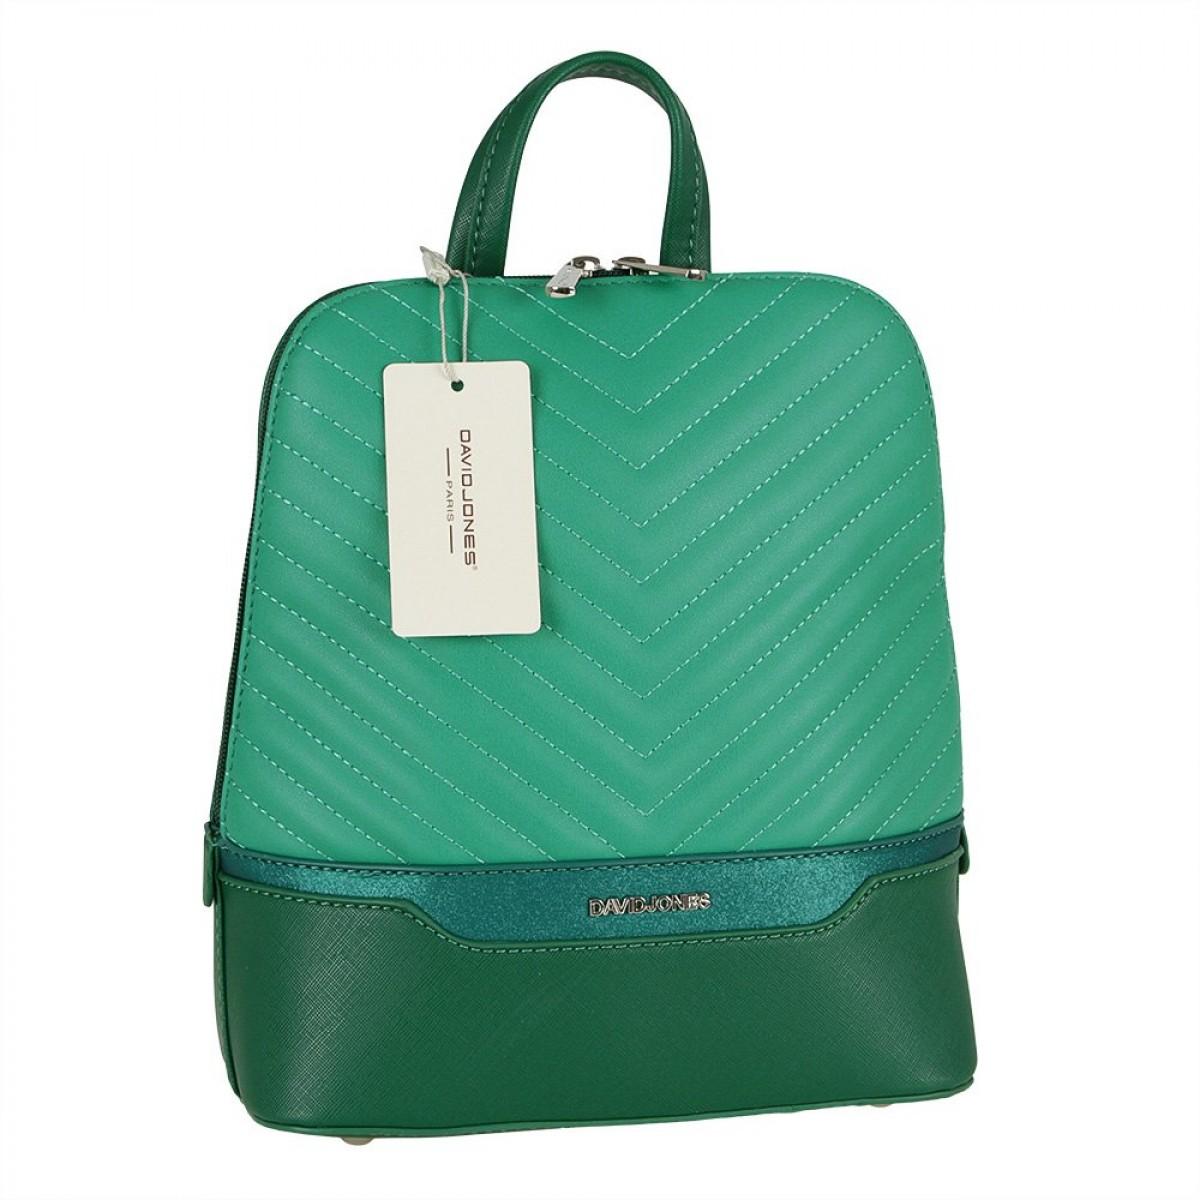 Жіночий рюкзак David Jones 6220-2 GREEN